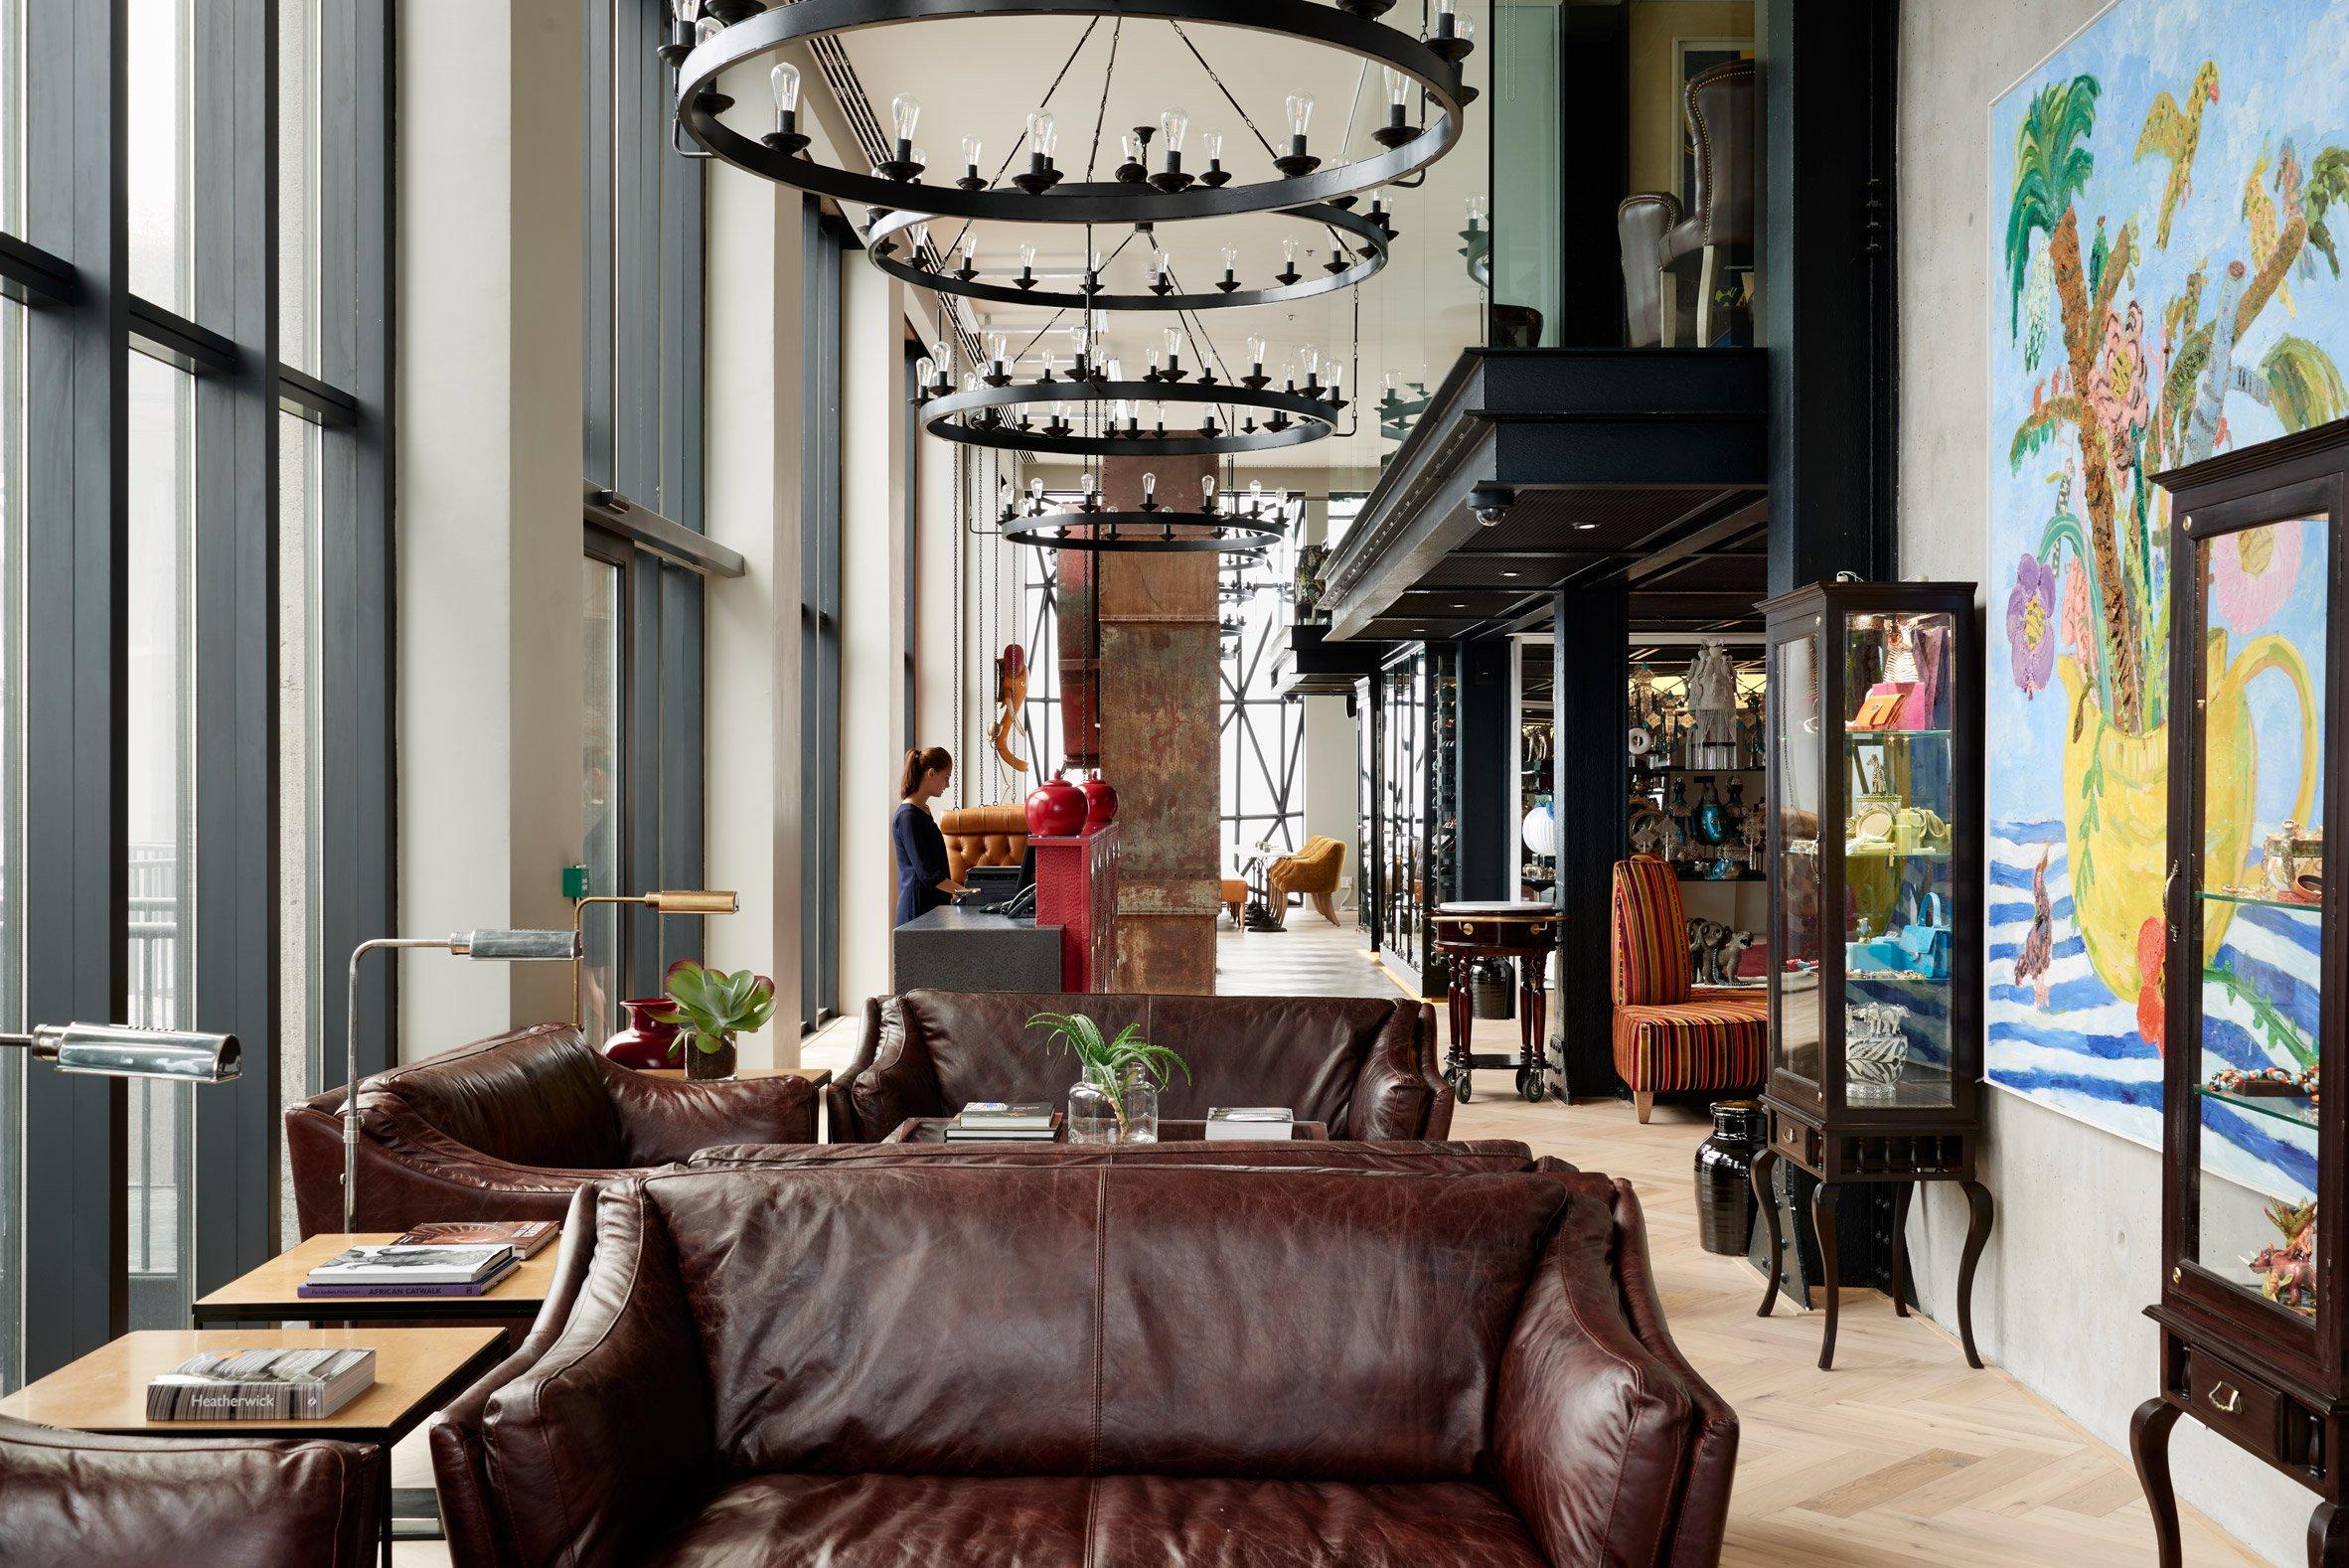 The Royal Portfolio hotel